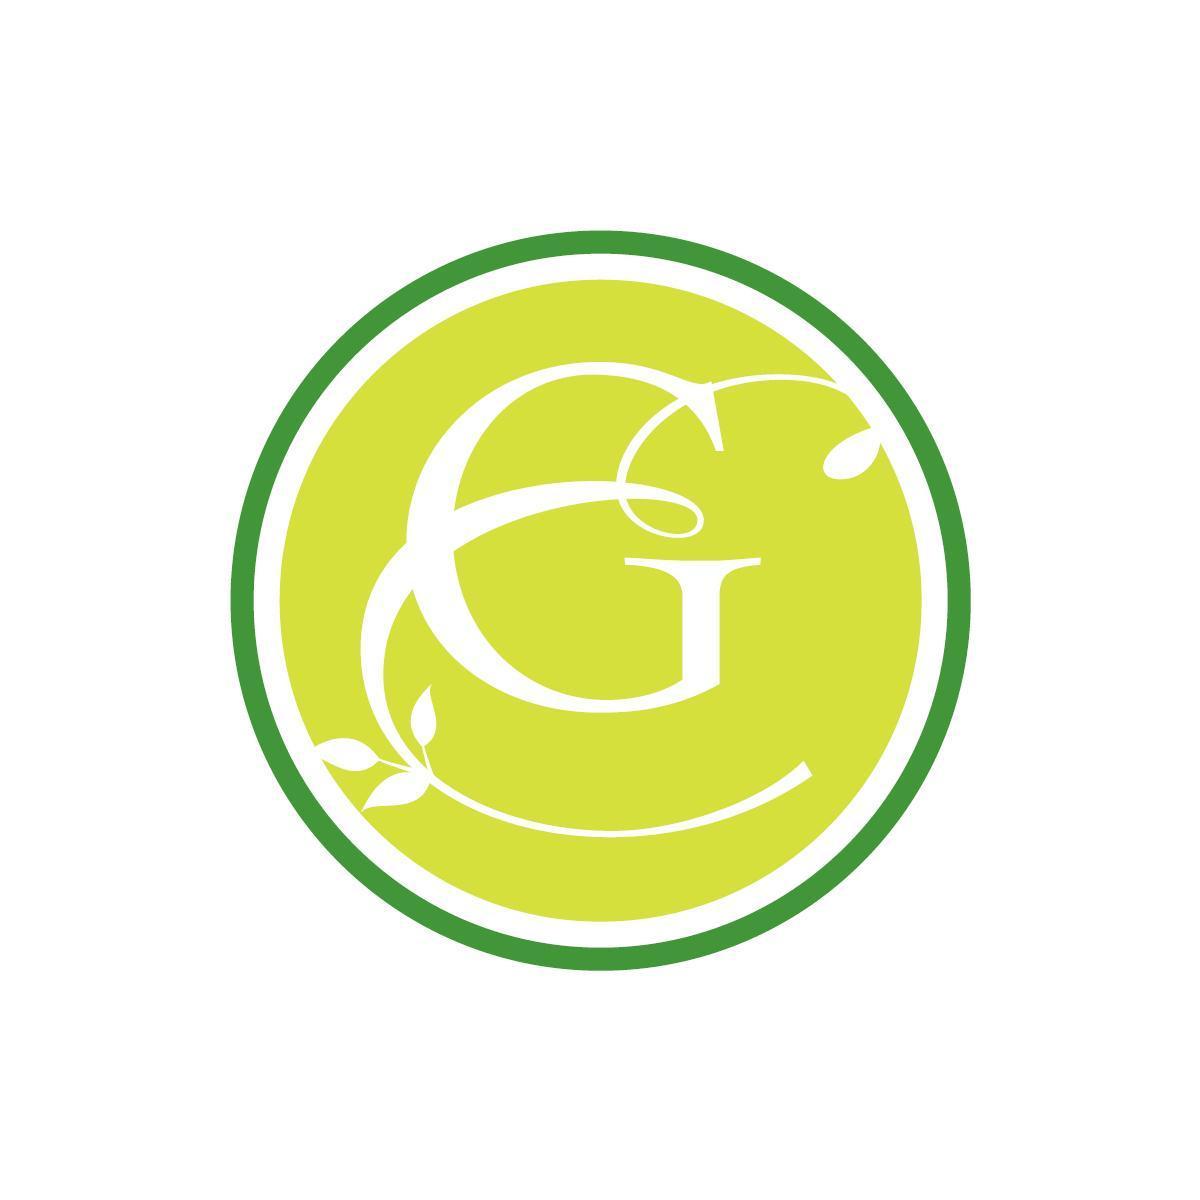 Alliance of Downtown Glen Ellyn